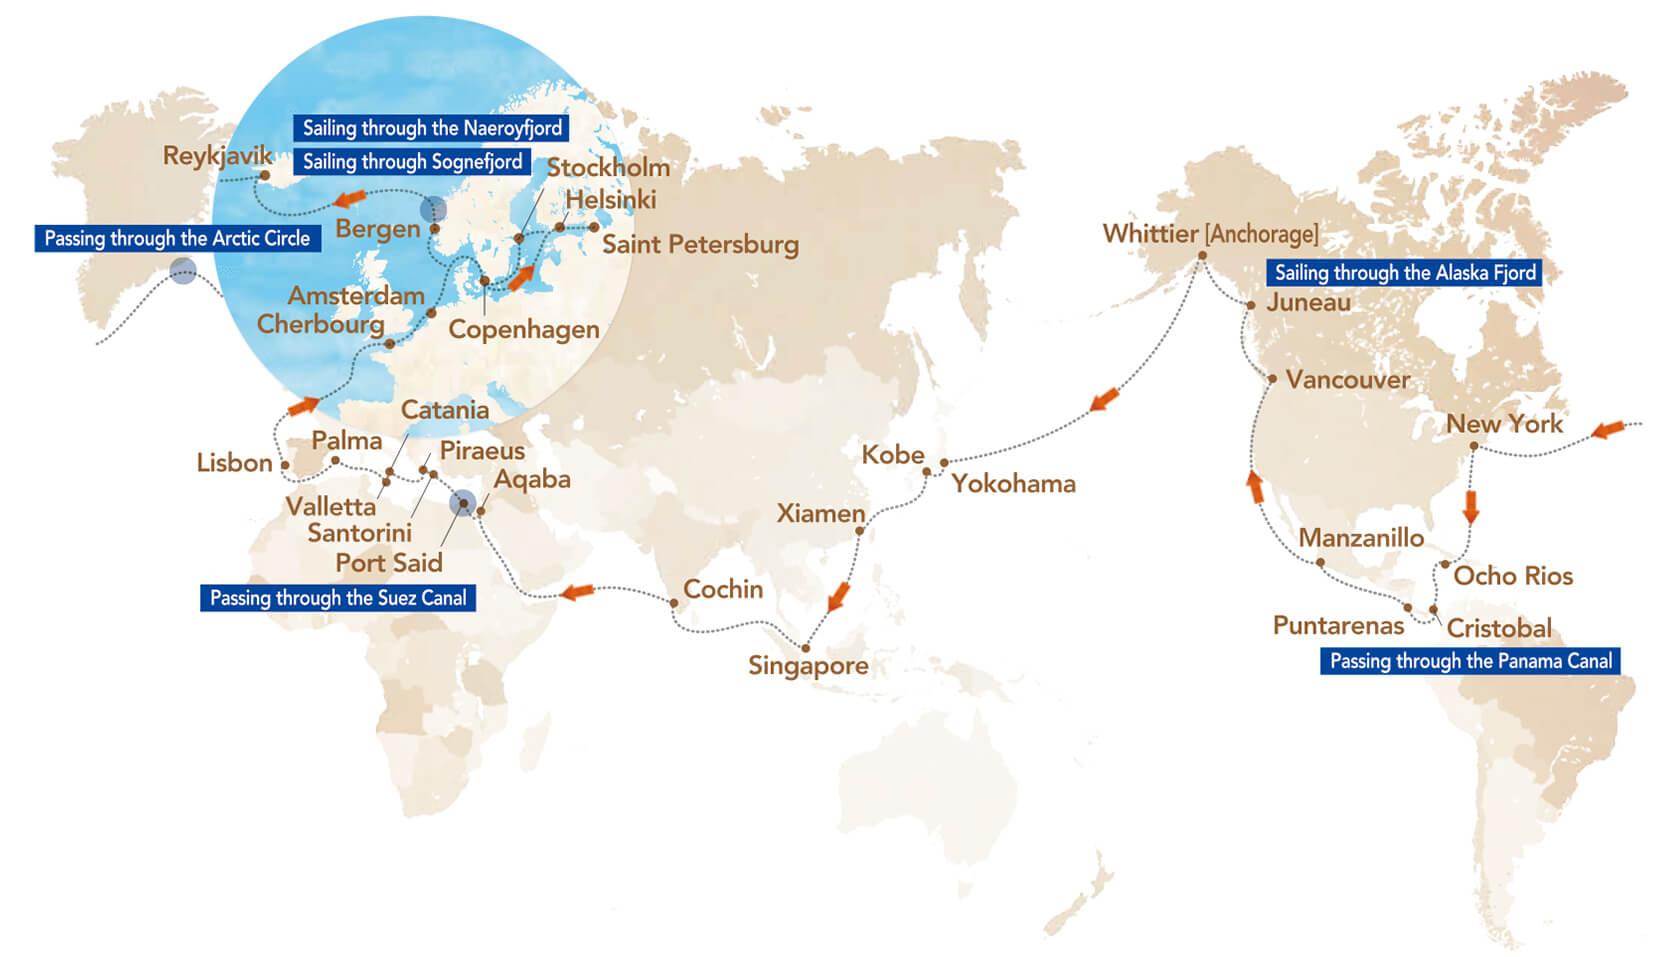 크루즈 MAP